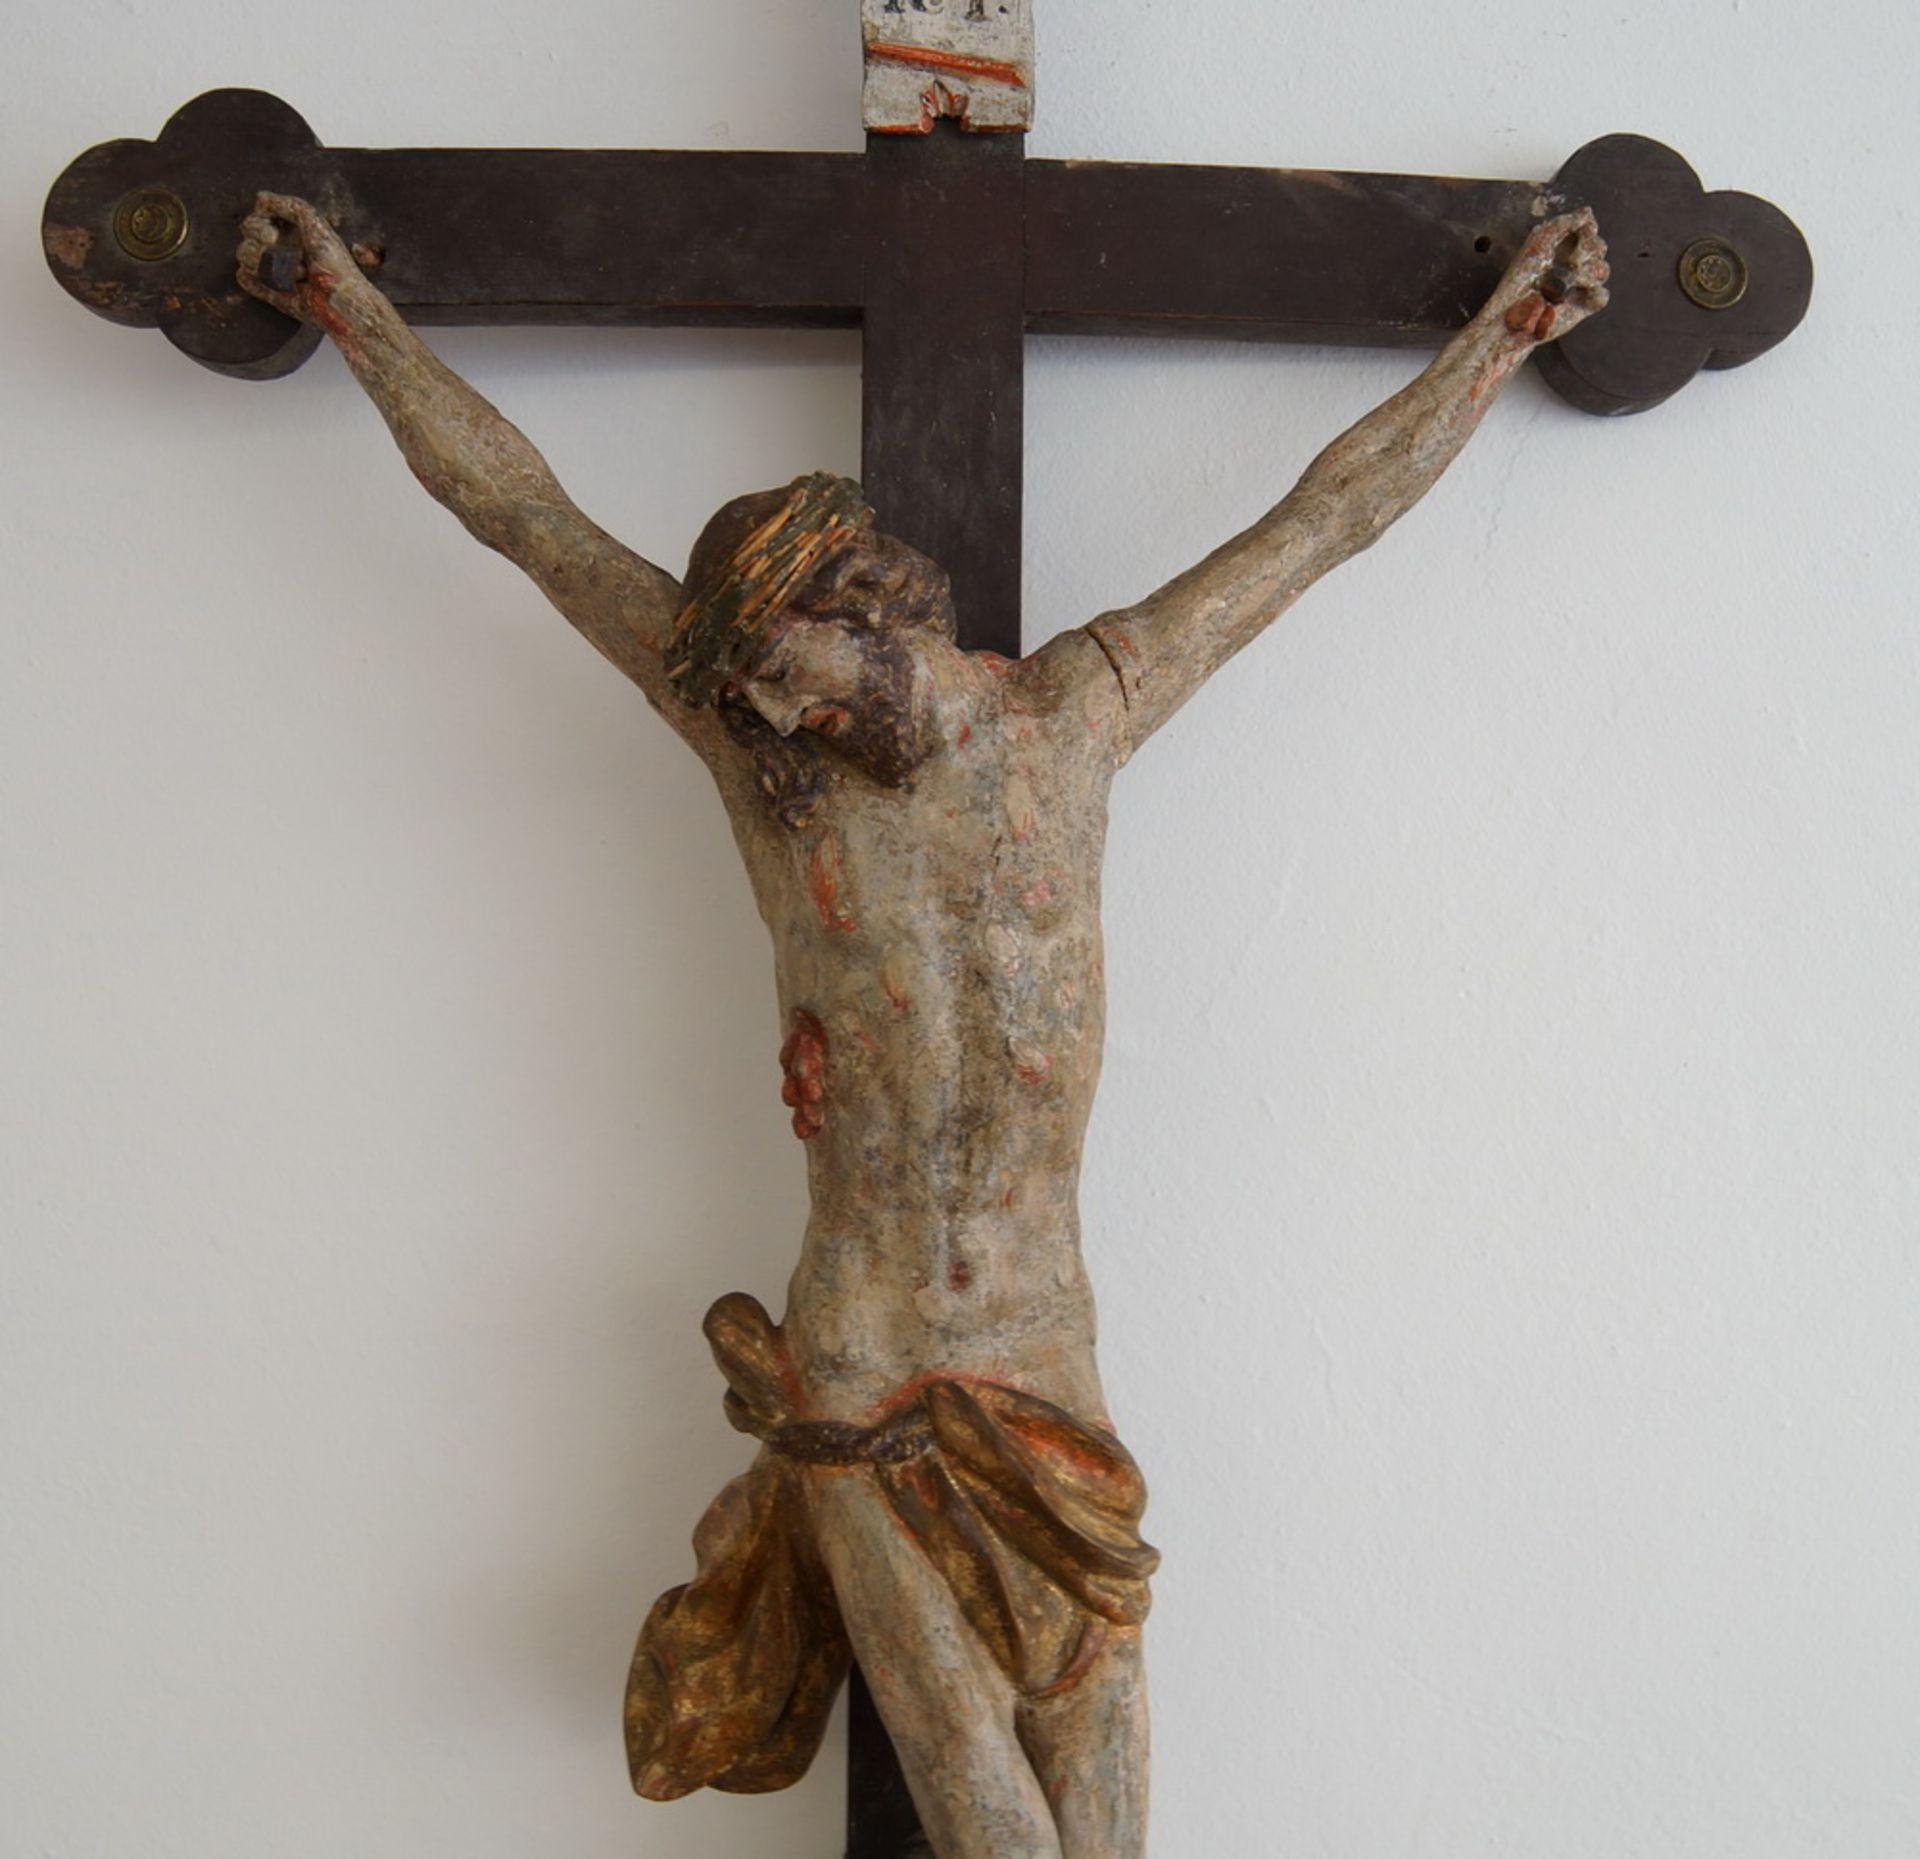 Los 31 - Vortragekreuz / Kruzifix mit Korpus Christi, Holz geschnitzt und gefasst, Altersspuren,18. JH,